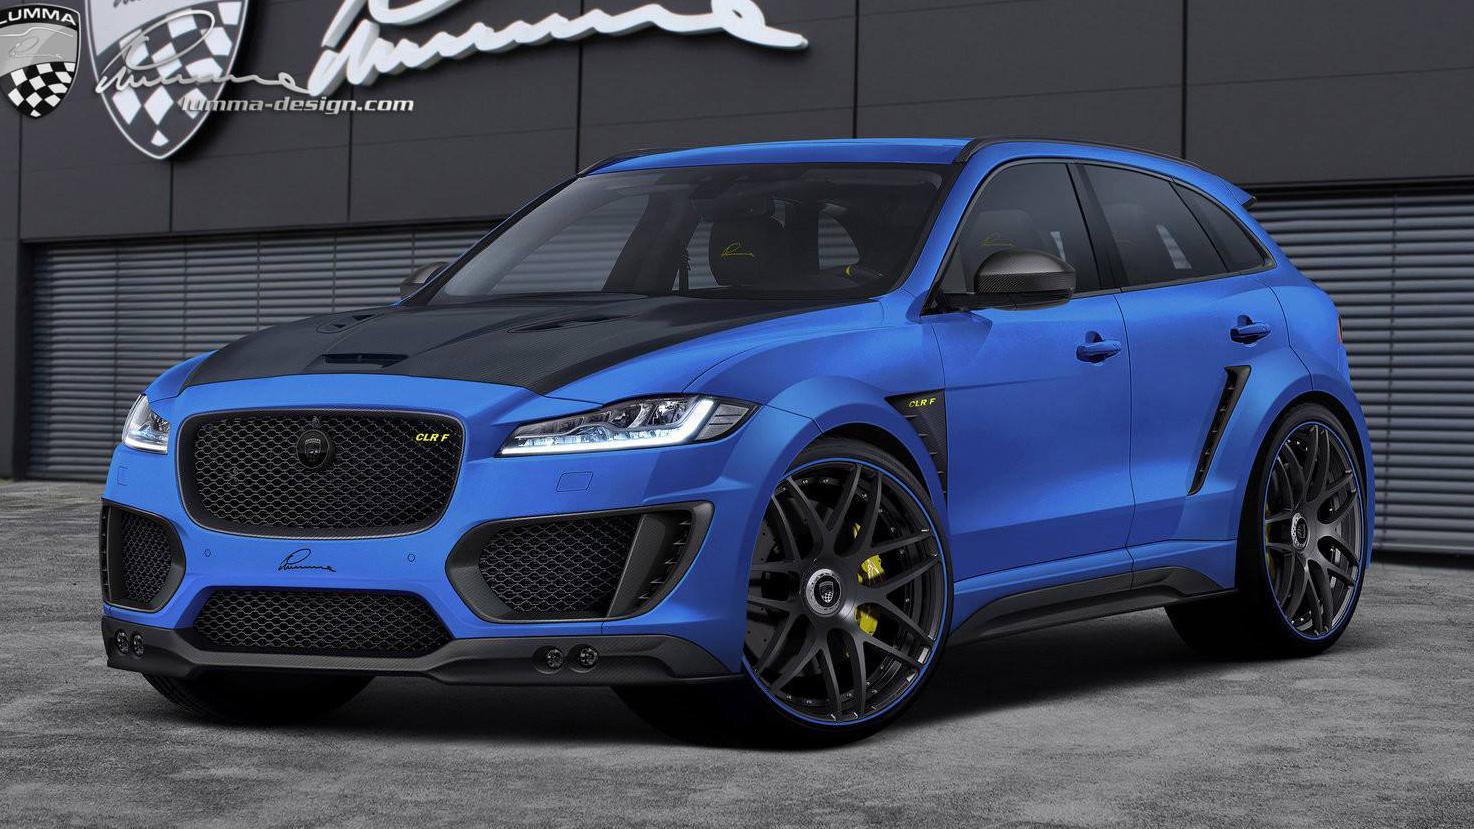 lumma-design-jaguar-f-pace-3